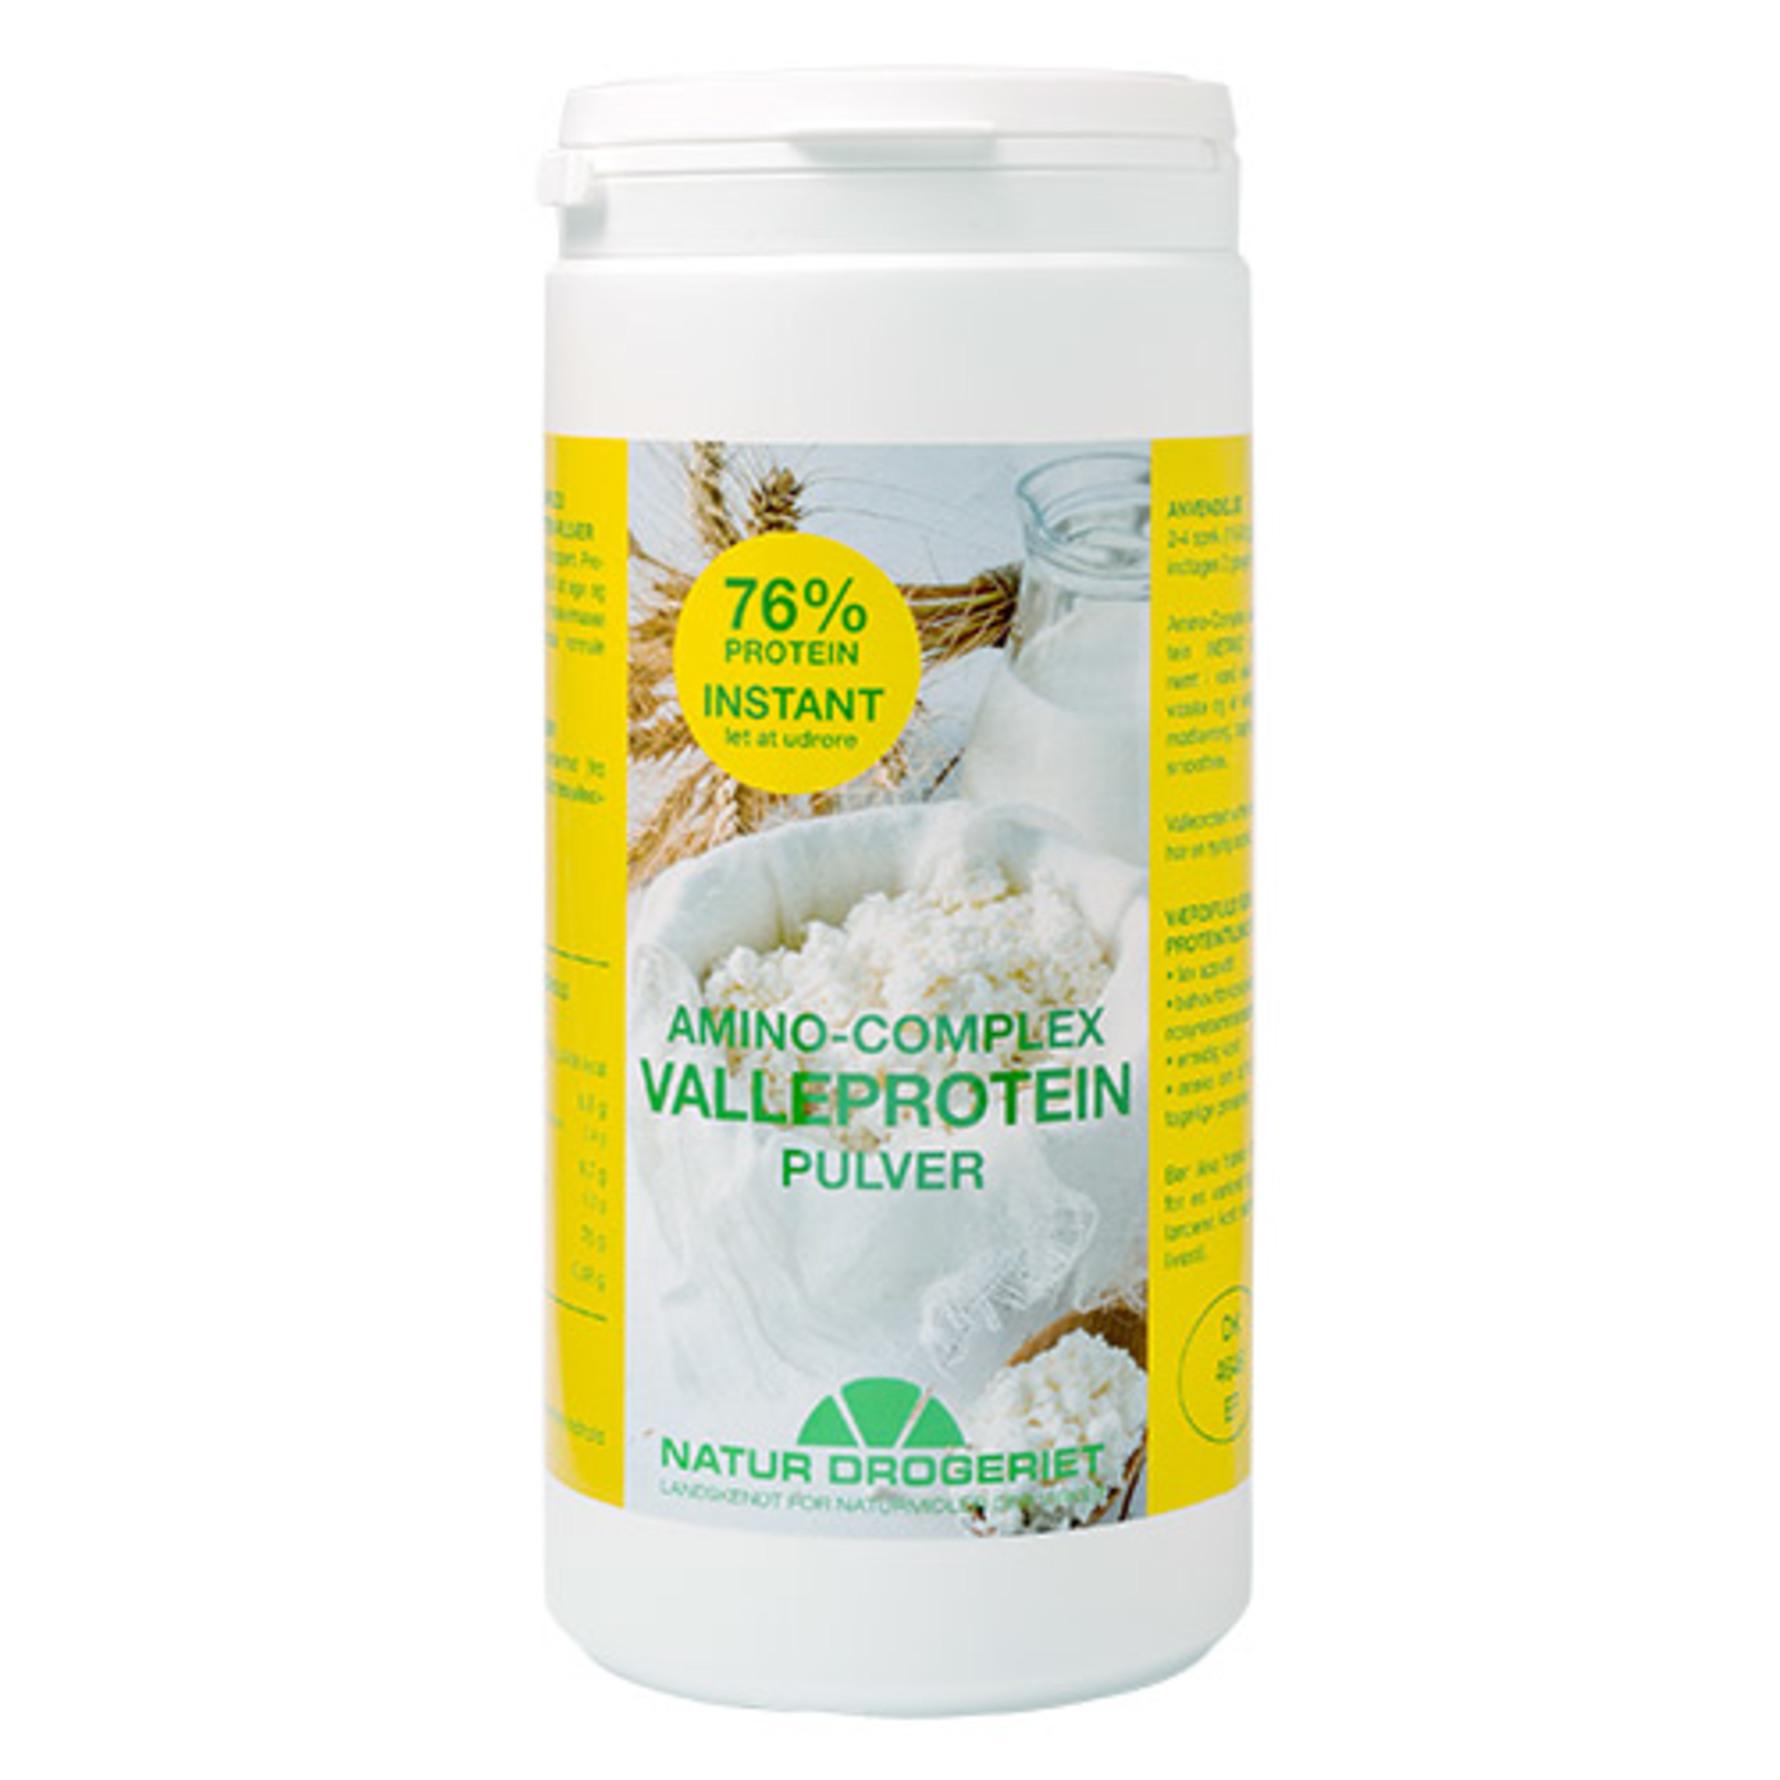 valleproteinpulver matas